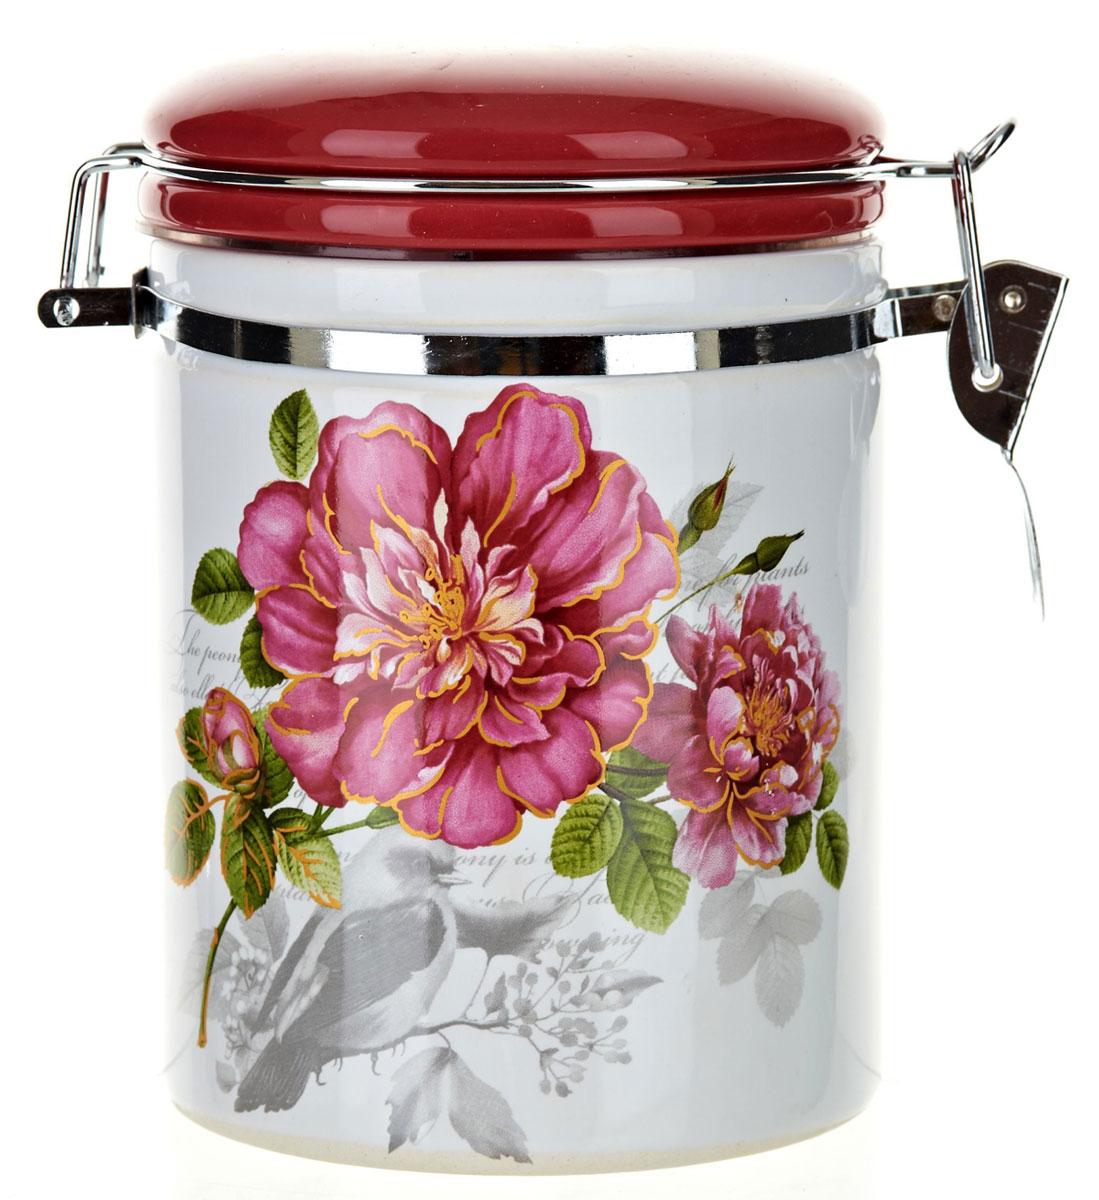 Банка для сыпучих продуктов Райский сад, цвет: белый, красный, 600 мл. L2520364L2520364Банка для сыпучих продуктов Райский сад изготовлена из прочной доломитовой керамики, покрытой слоем сверкающей гладкой глазури. Изделие оформлено красочным изображением. Банка прекрасно подойдет для хранения различных сыпучих продуктов: чая, кофе, сахара, круп и многого другого. Благодаря силиконовой прослойке и бугельному замку, крышка герметично закрывается, что позволяет дольше сохранять продукты свежими. Изящная емкость не только поможет хранить разнообразные сыпучие продукты, но и стильно дополнит интерьер кухни. Изделие подходит для использования в посудомоечной машине и в холодильнике.Объем: 600 мл.